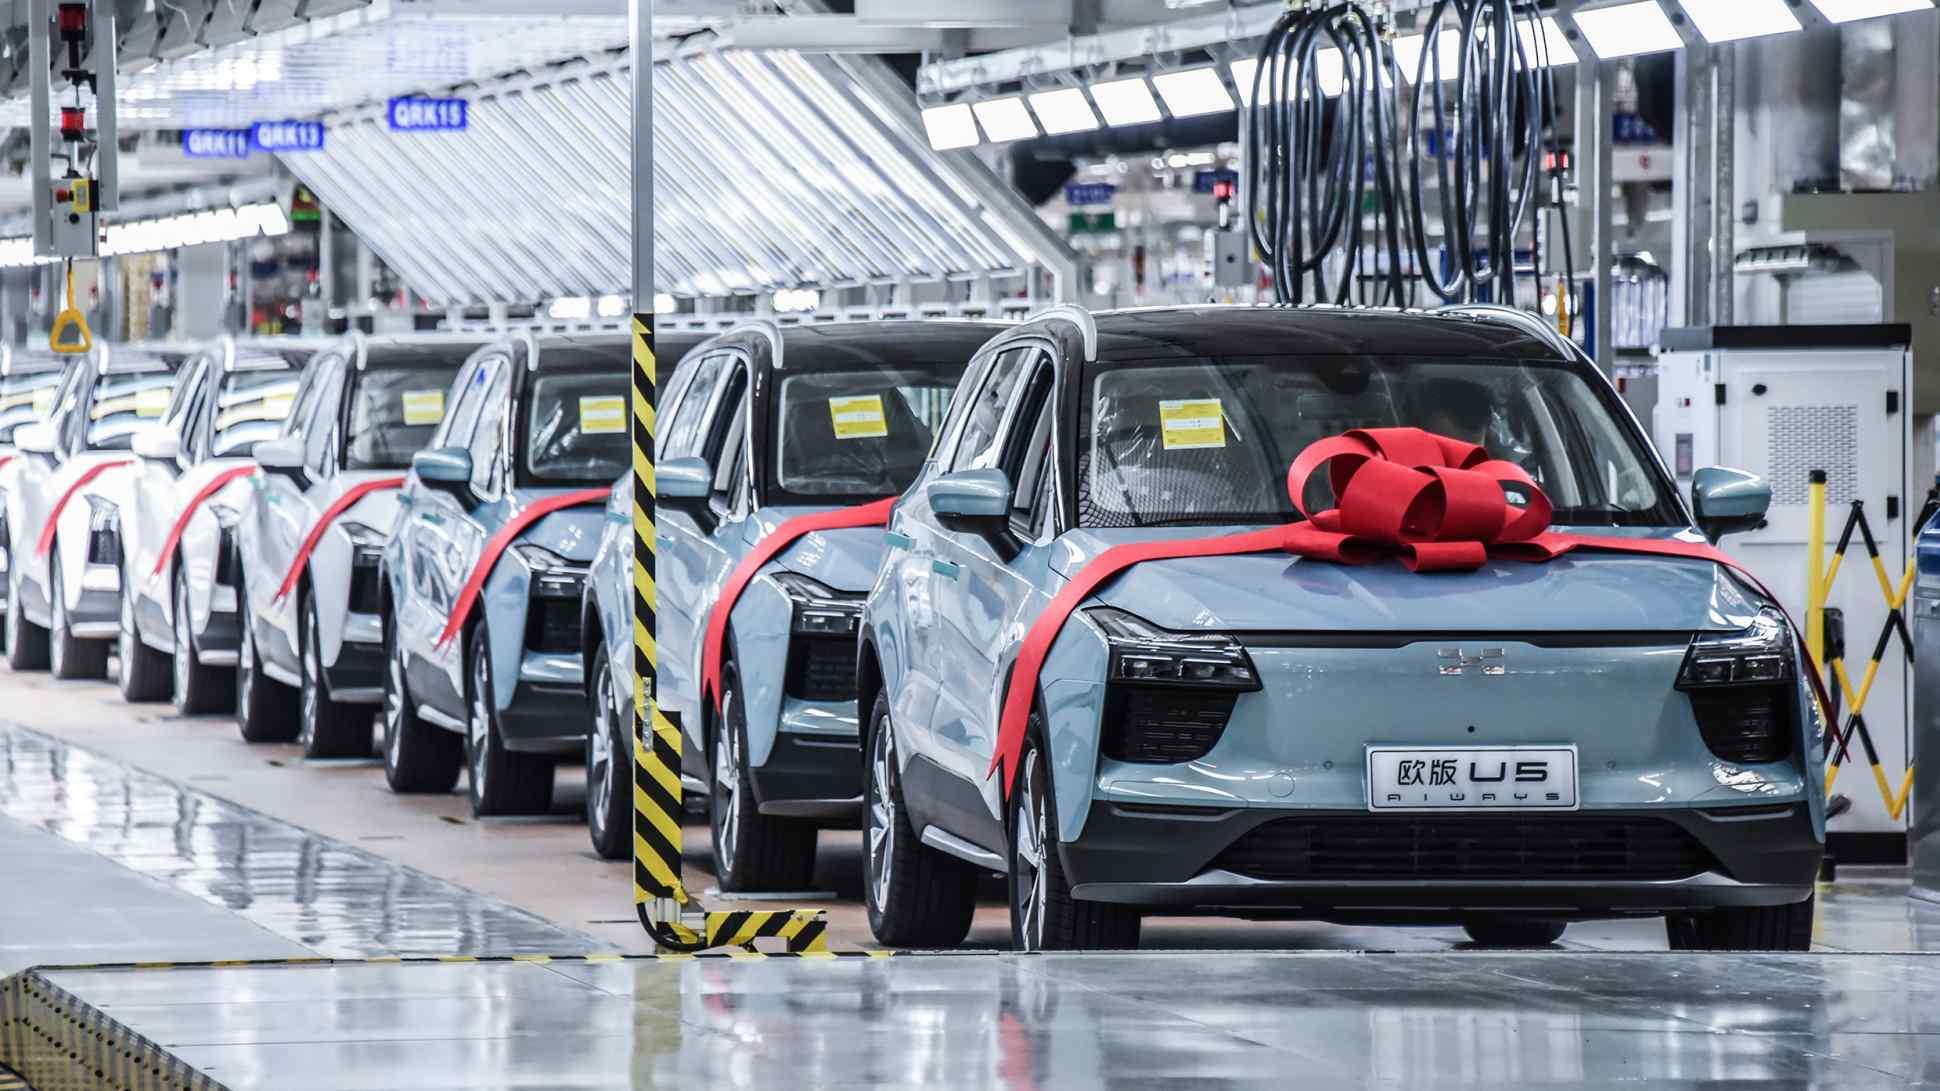 Các hãng khởi nghiệp xe điện Trung Quốc đang thách thức nhiều 'ông lớn' châu Âu và Nhật Bản - Ảnh 1.